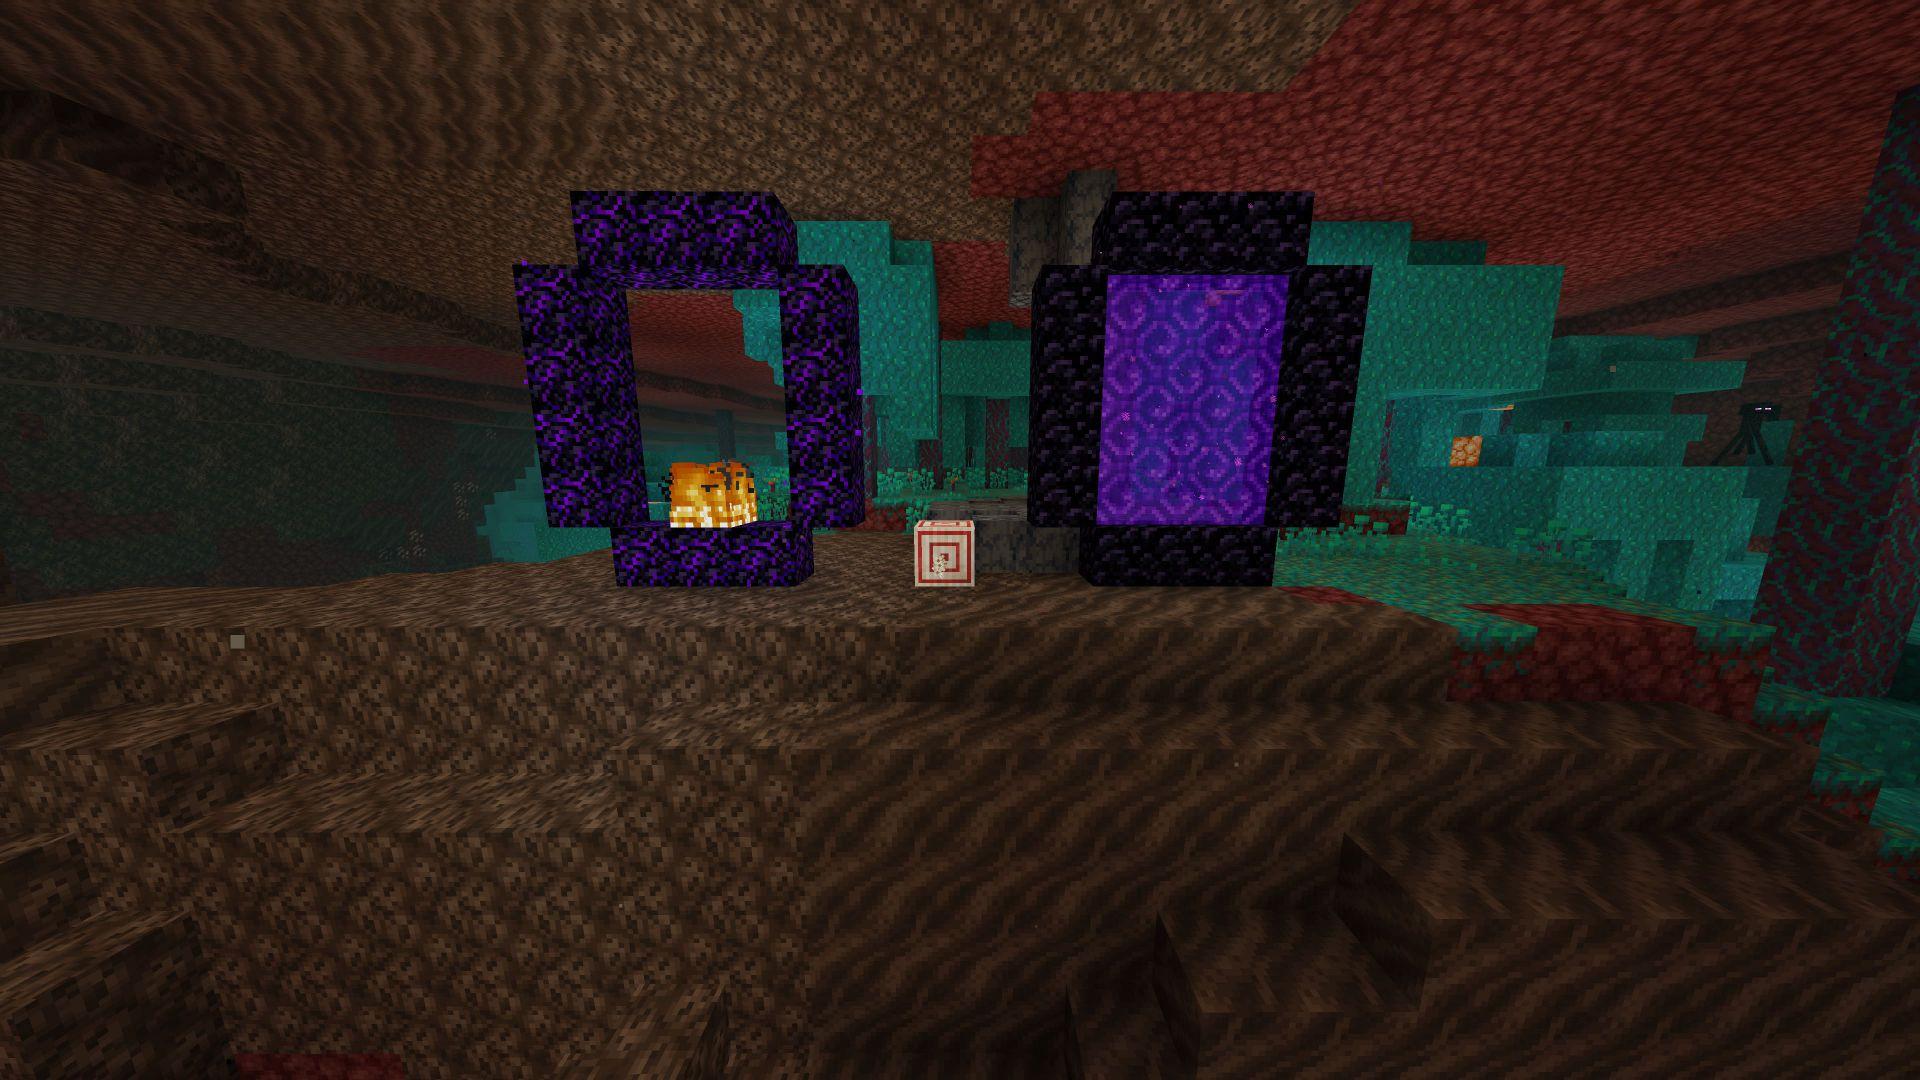 Portal con obsidiana llorando y obsidiana normal